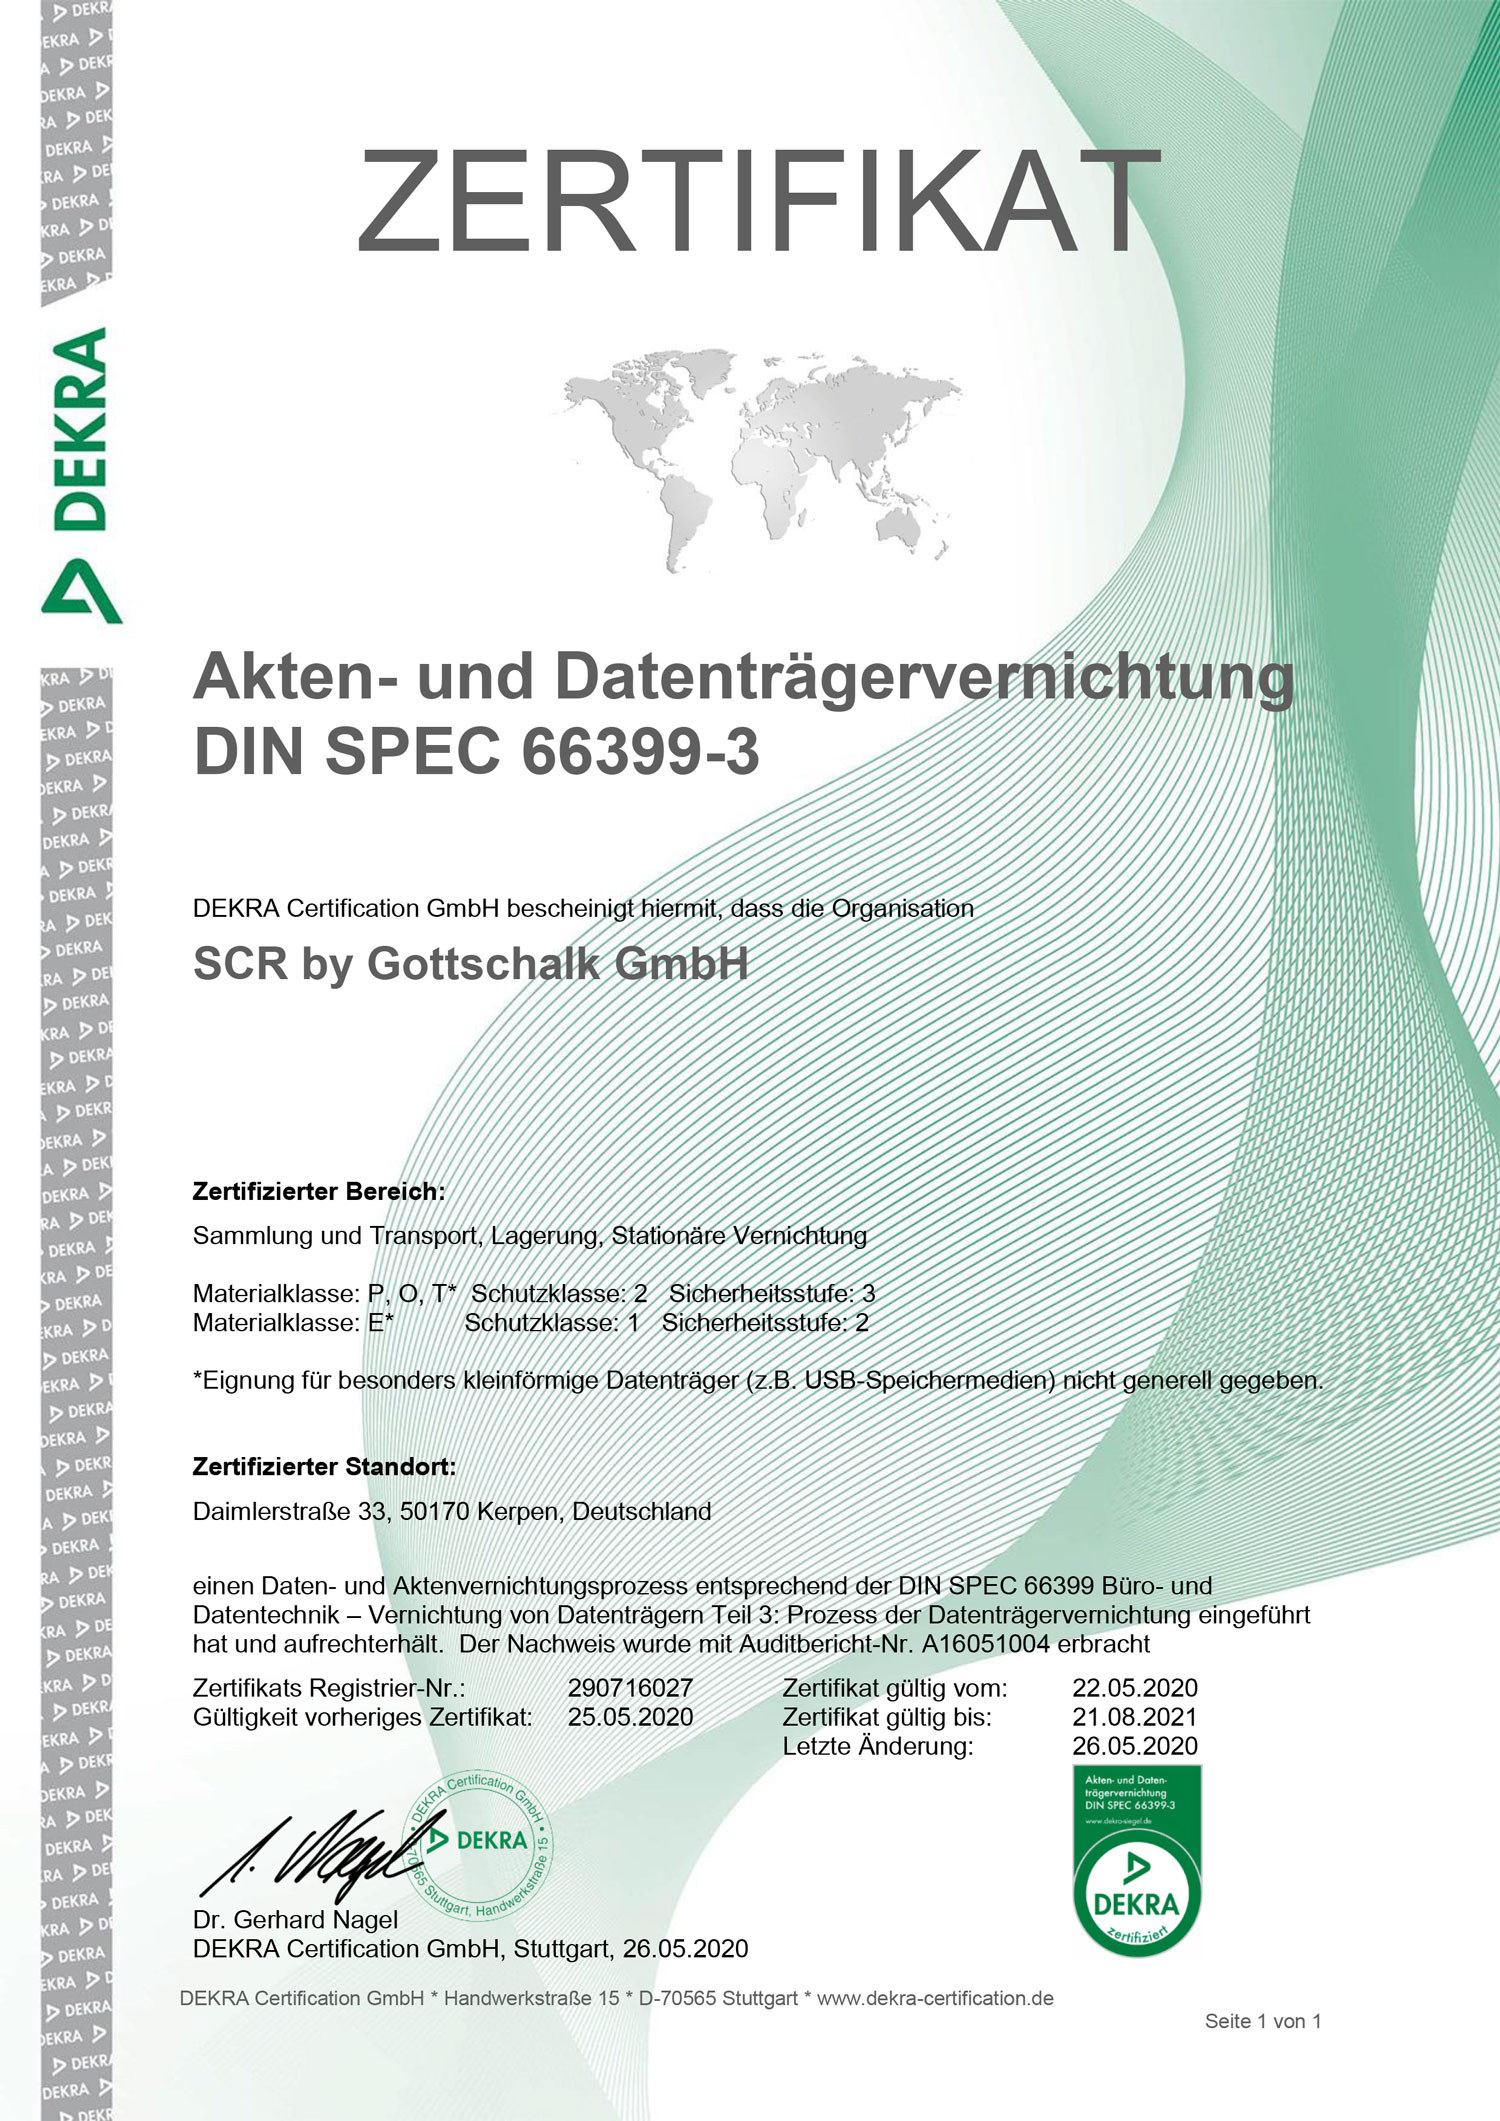 akten-u-datentraeger-zertifikat